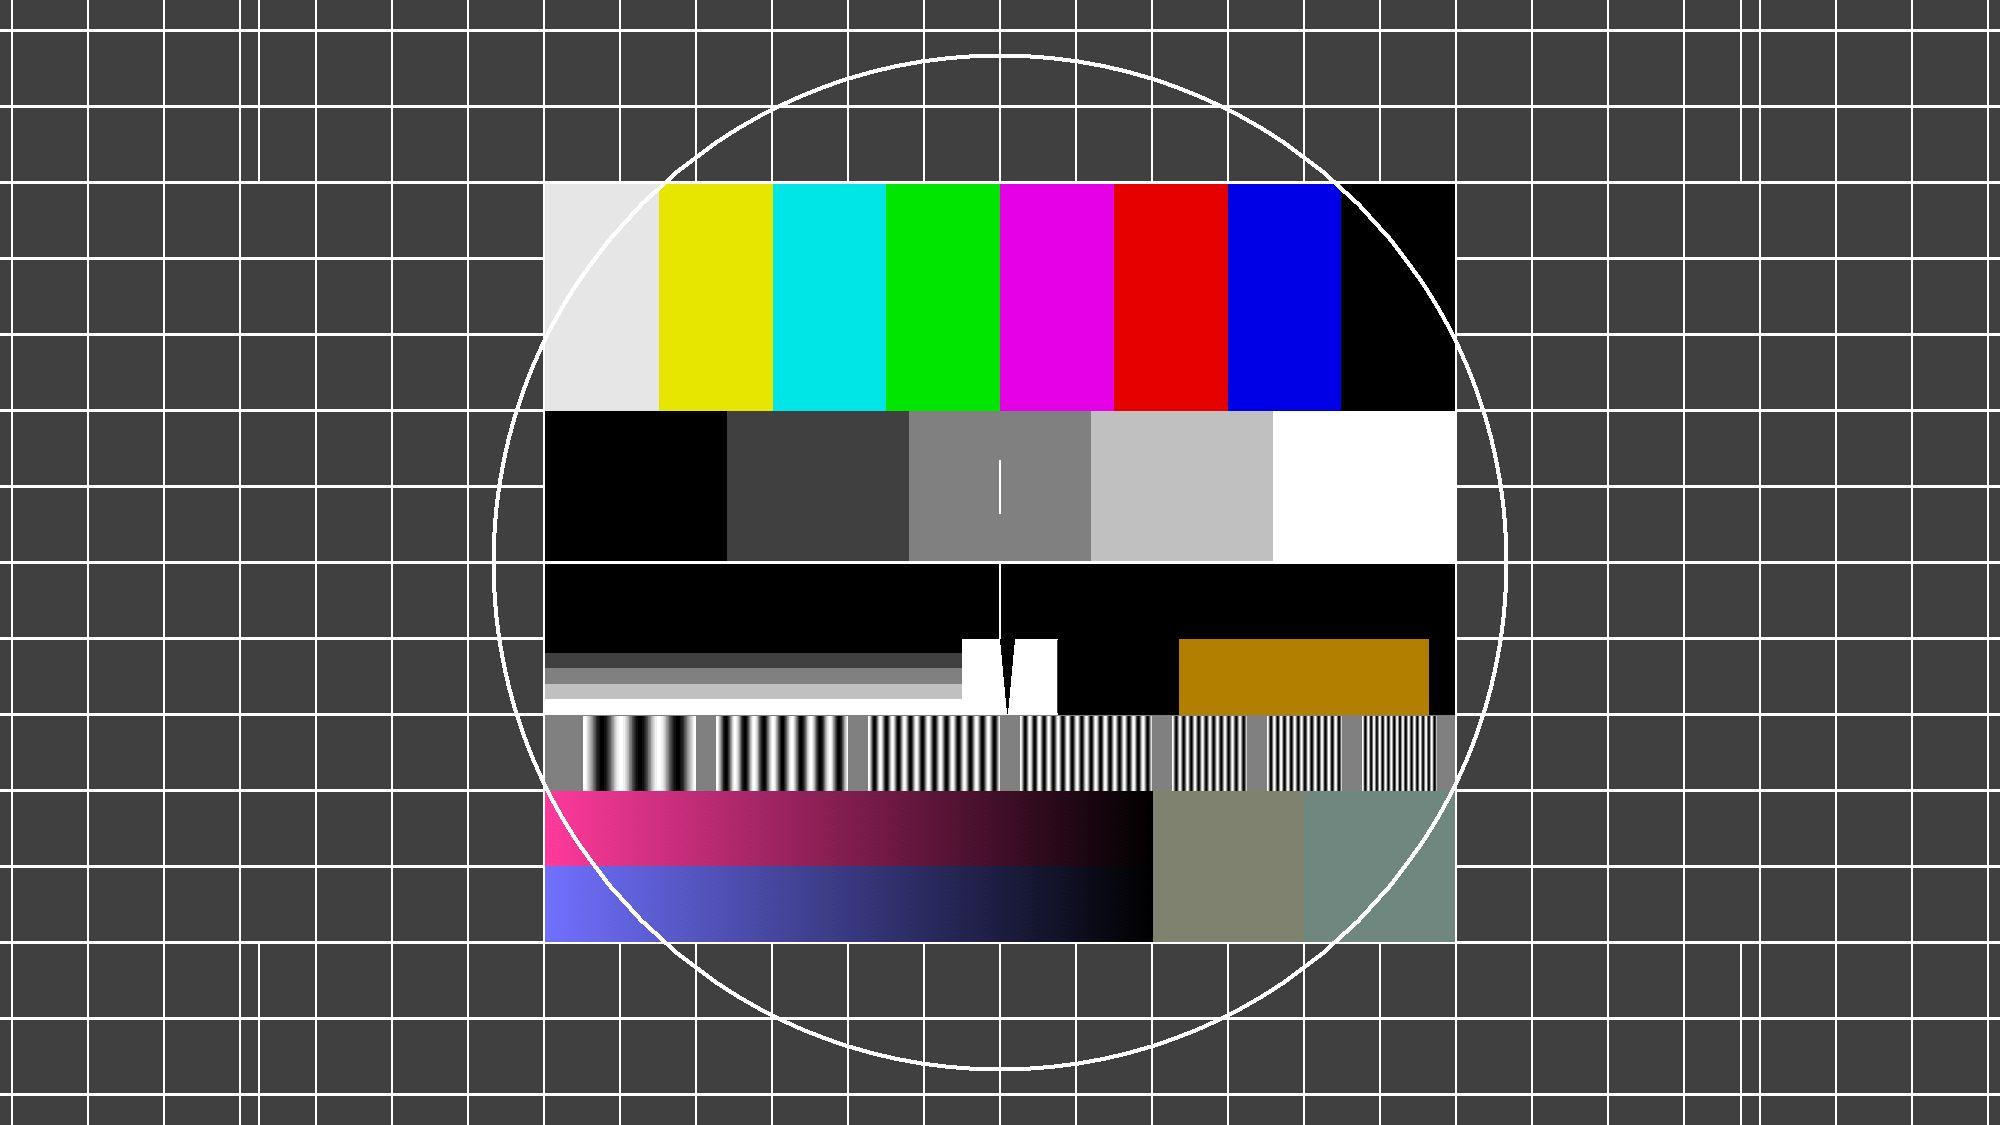 Частоты бесплатных эротических телеканалов 10 фотография